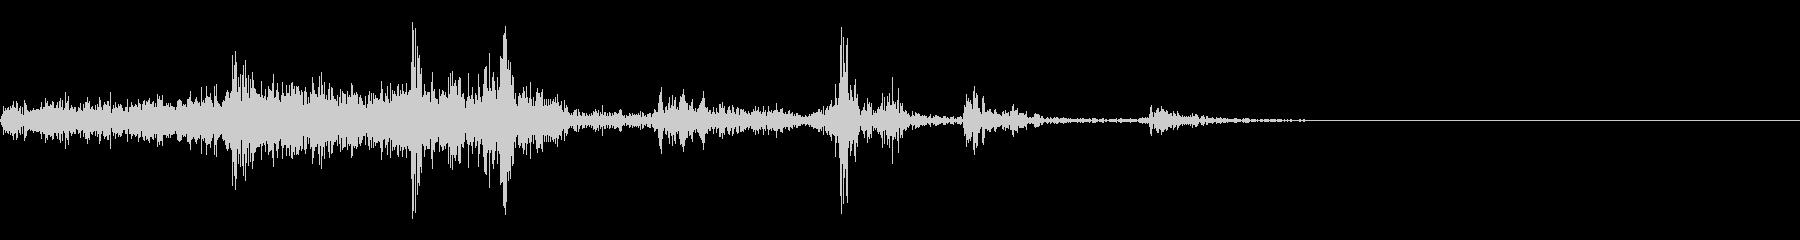 ペラ(左から右へページをめくる音)の未再生の波形